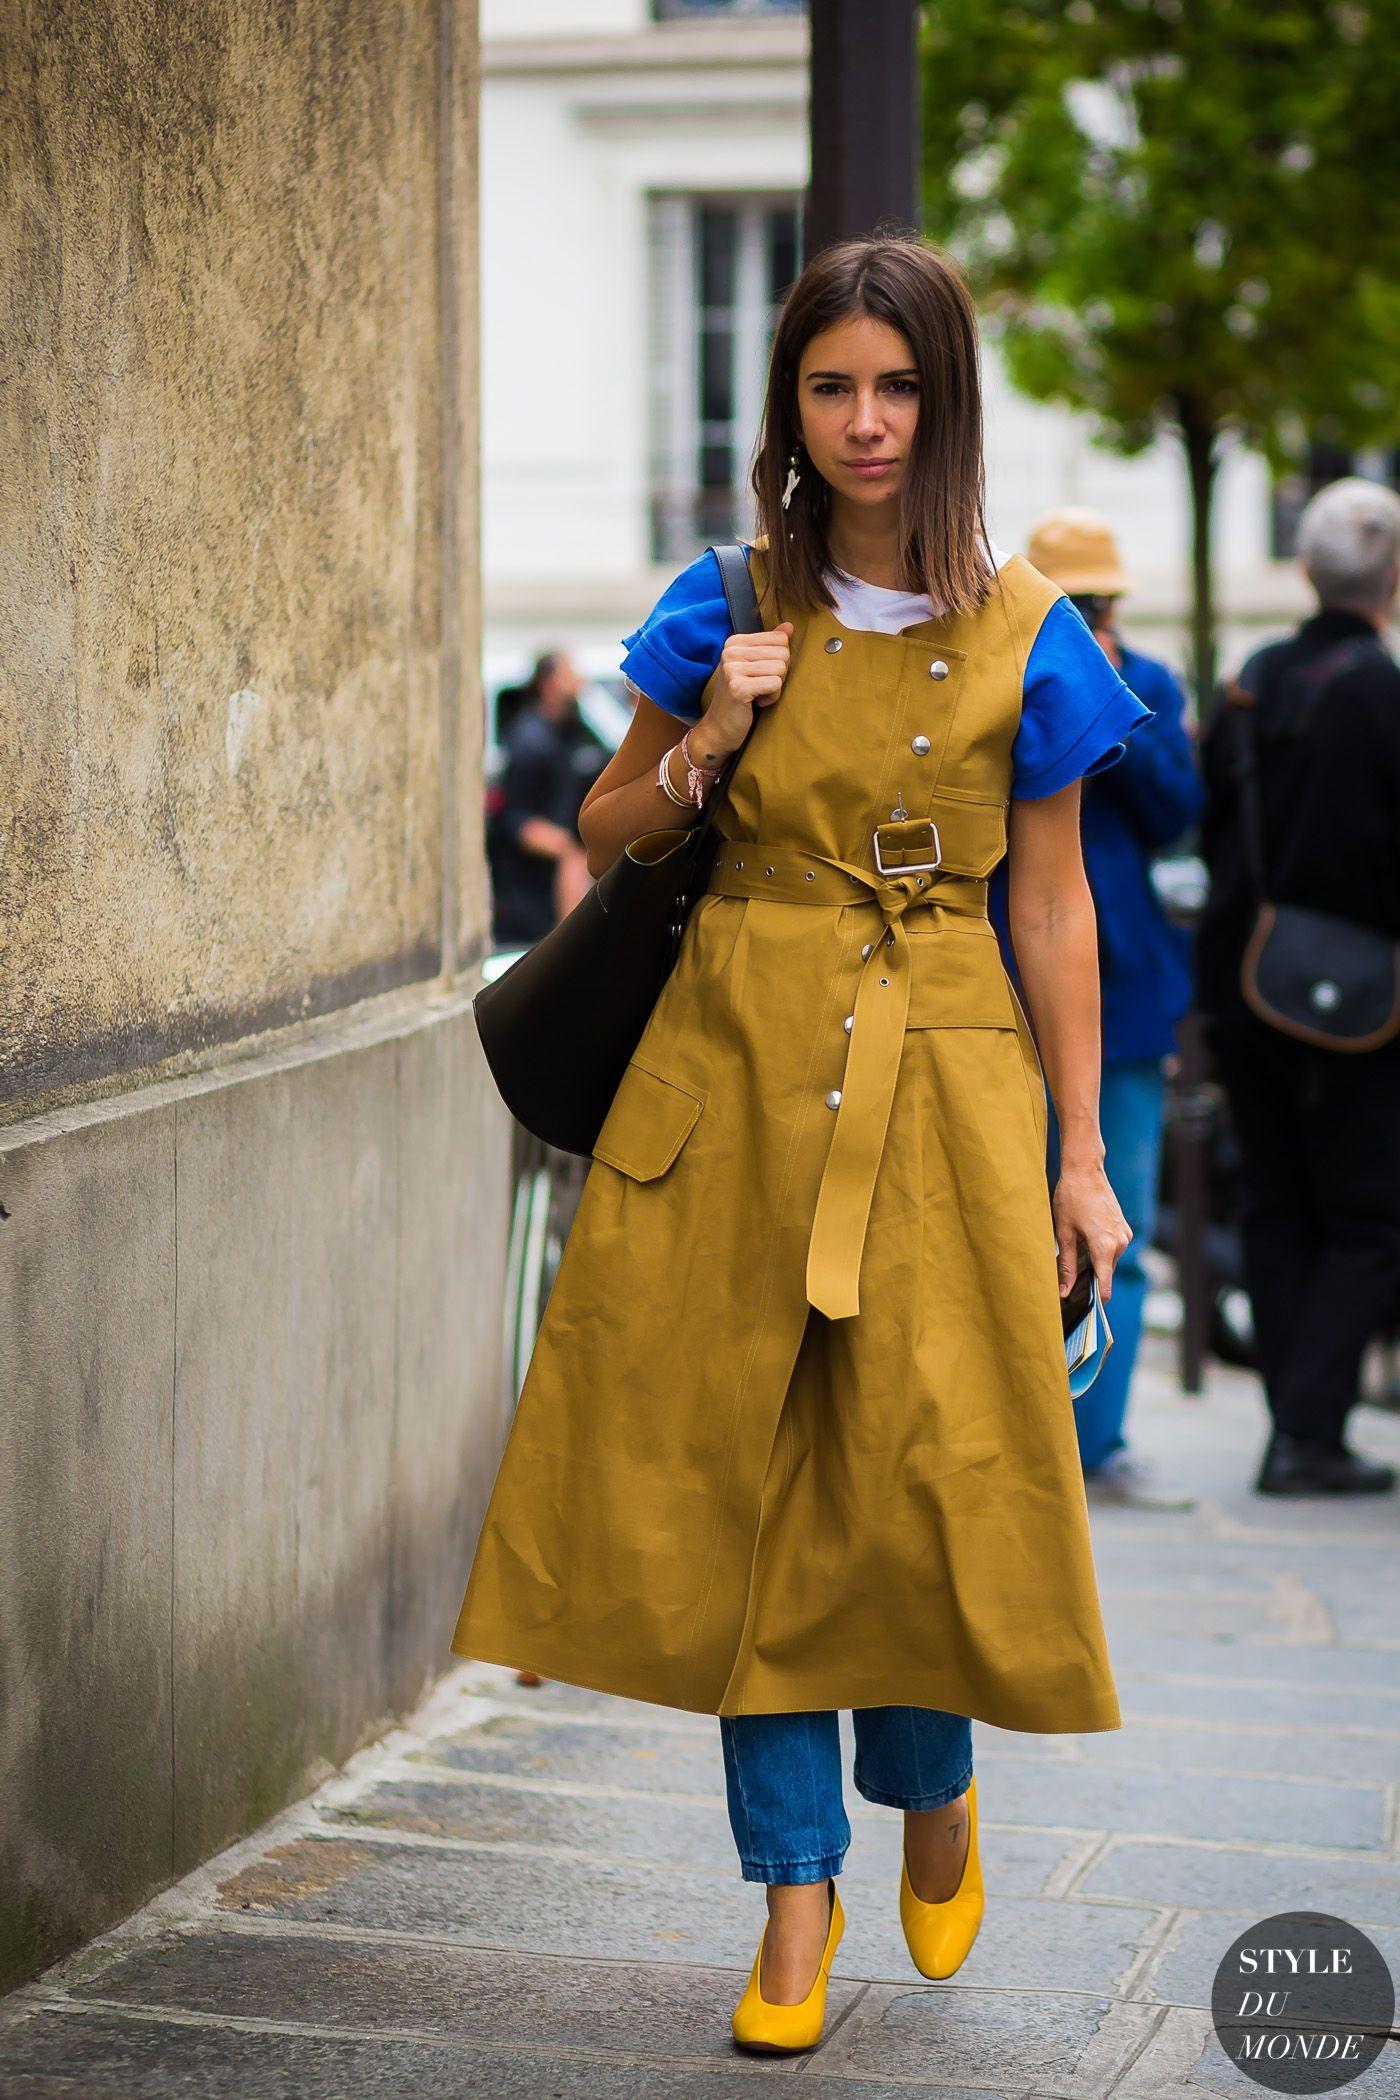 Natasha Goldenberg by STYLEDUMONDE Street Style Fashion Photography0E2A4934